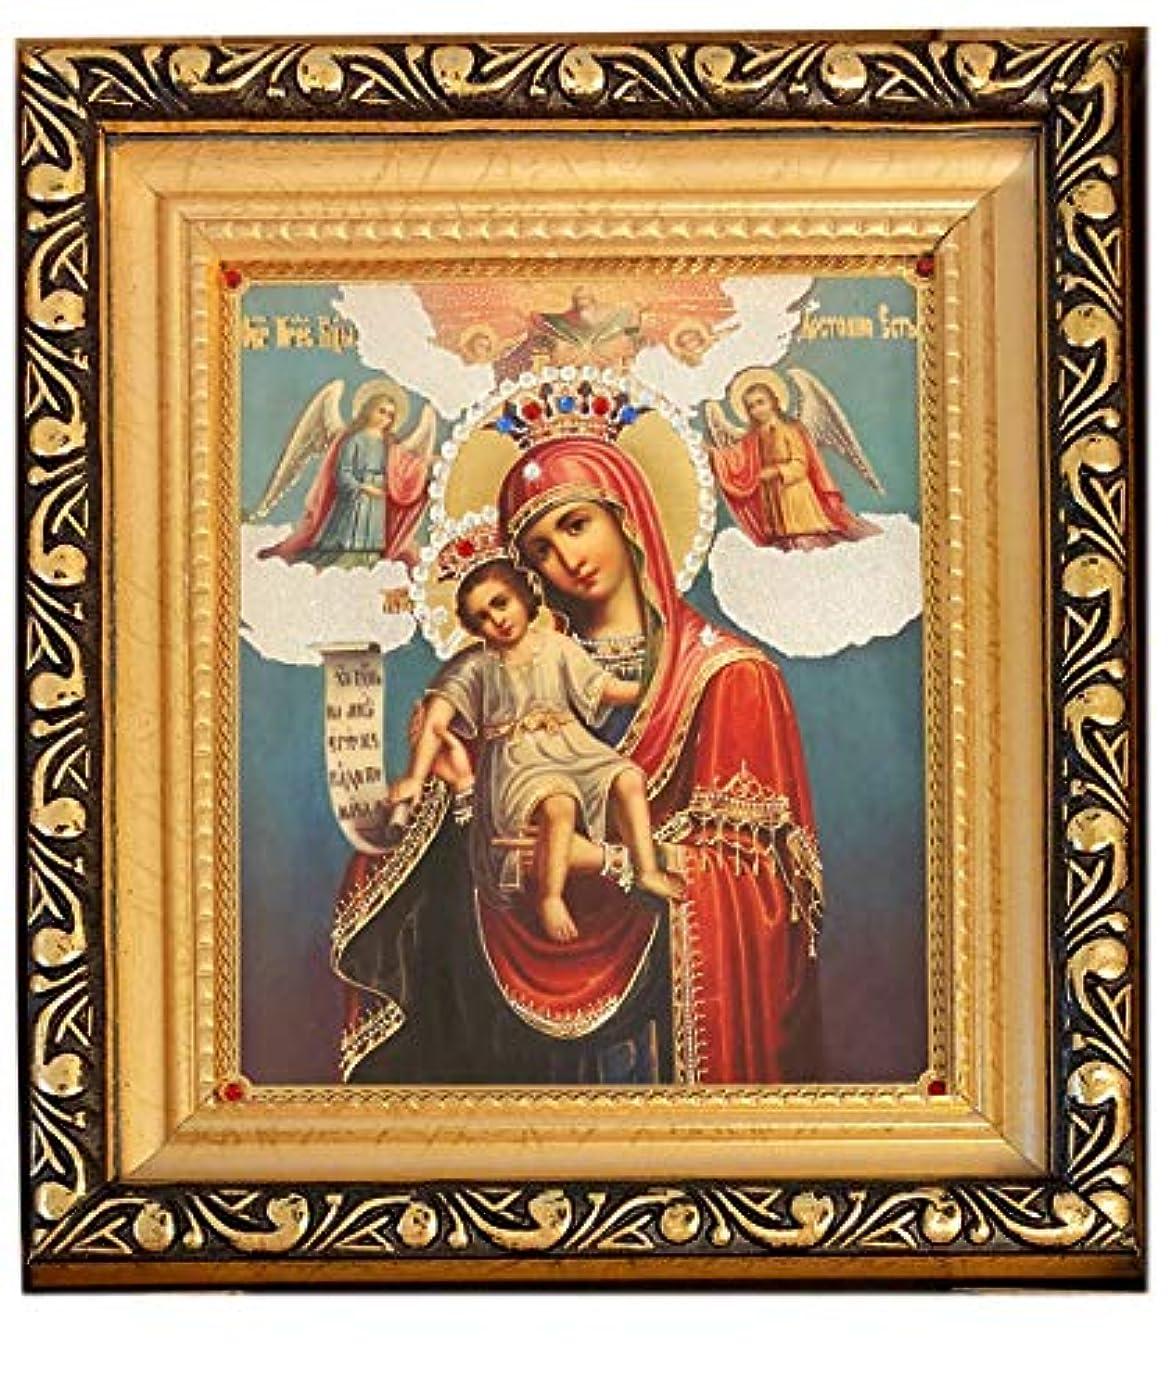 悪性の許される検索エンジン最適化アレクサンドラ?Int ' l GreekセラミックアイコンCandle Holder with Saints Decorated with 24 Kゴールド5インチ、レッド